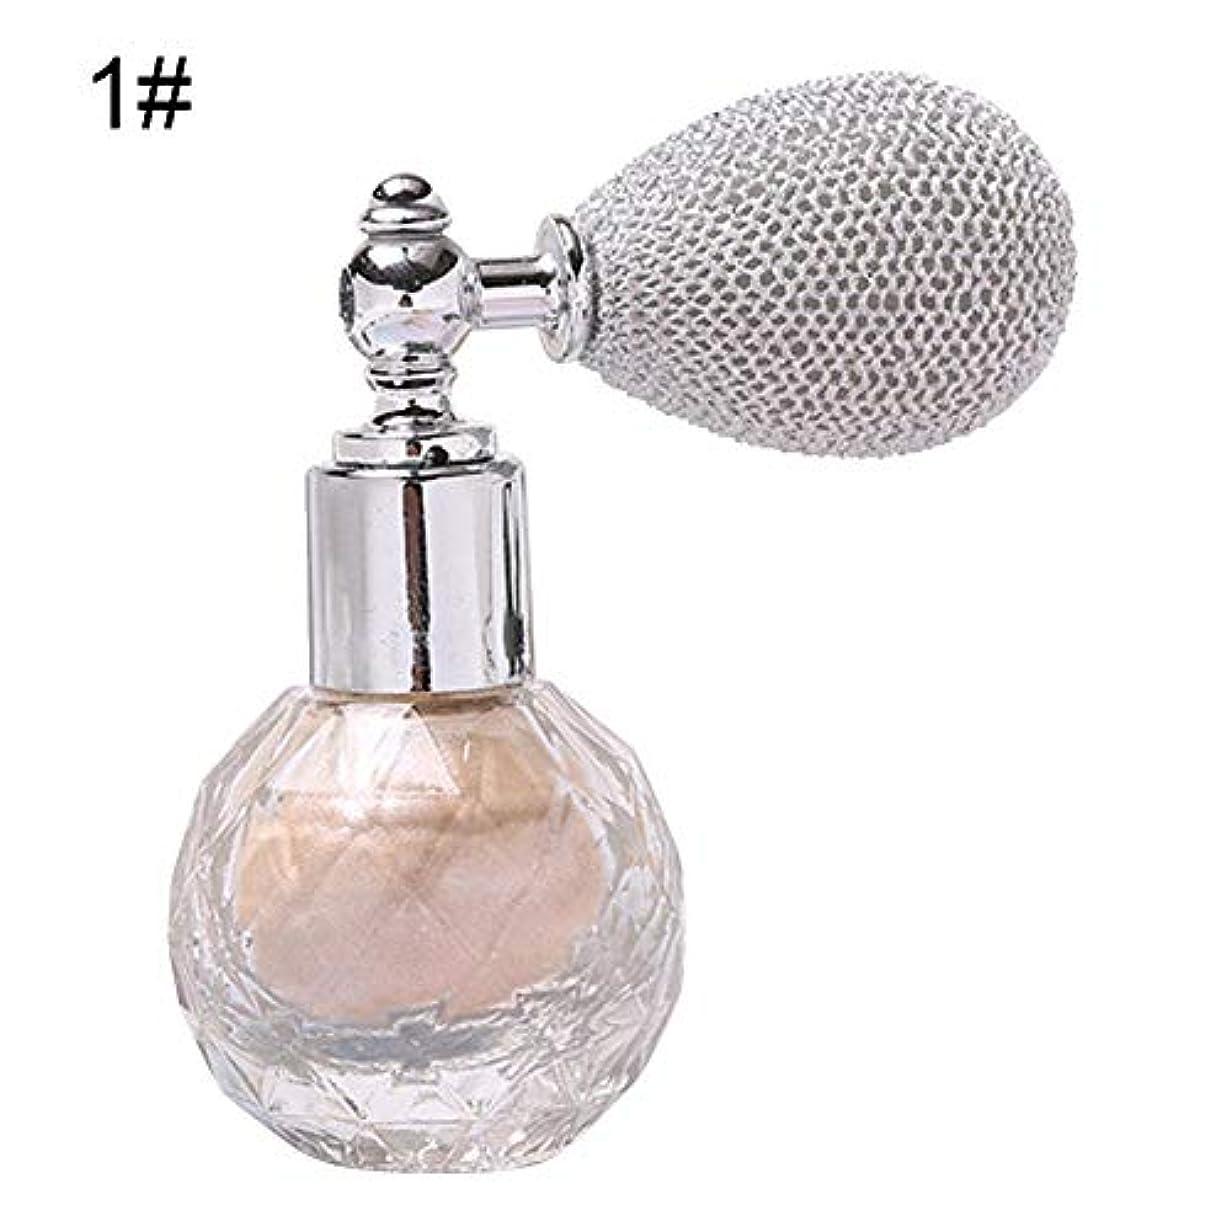 透明に折七時半Licentury グリッターパウダー スプレー 式 香水味 顔/ボディ/ヘア 化粧パウダー 4色選択可